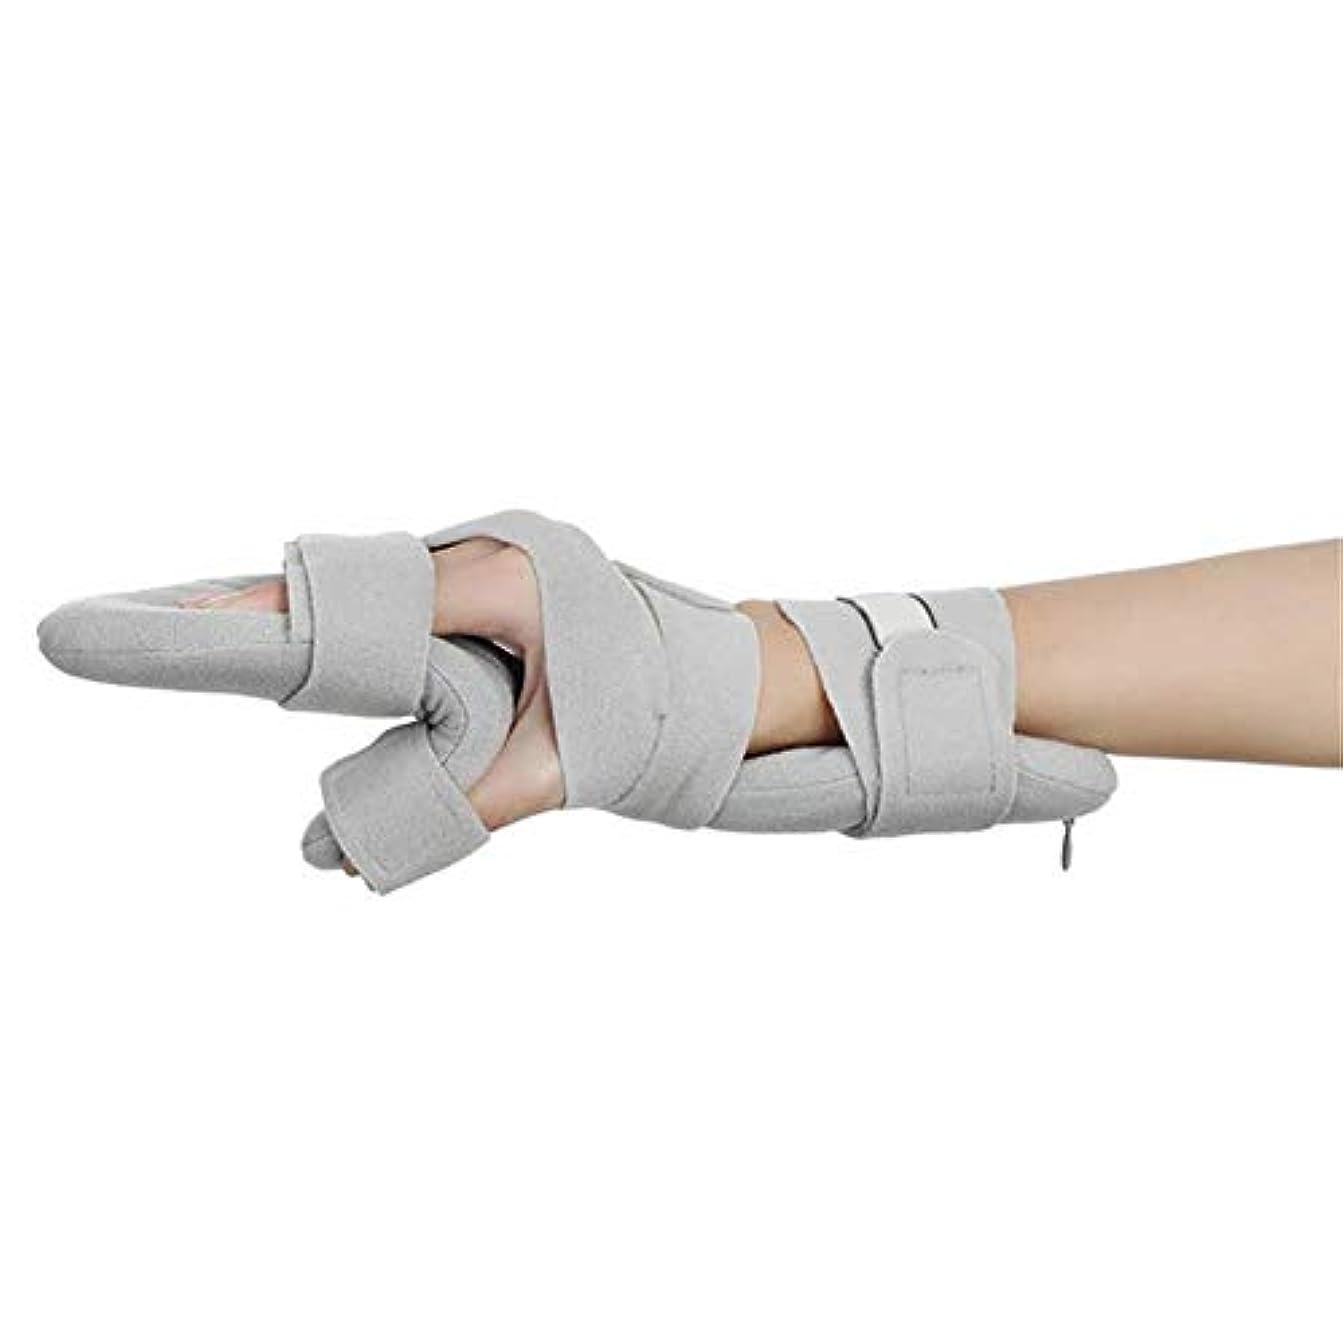 ずんぐりした振り返る肉腫指のけいれんや萎縮の柔らかい機能的な安静時の手の副木のための指の装具、両手のサポート多目的調節可能 (Color : Left)